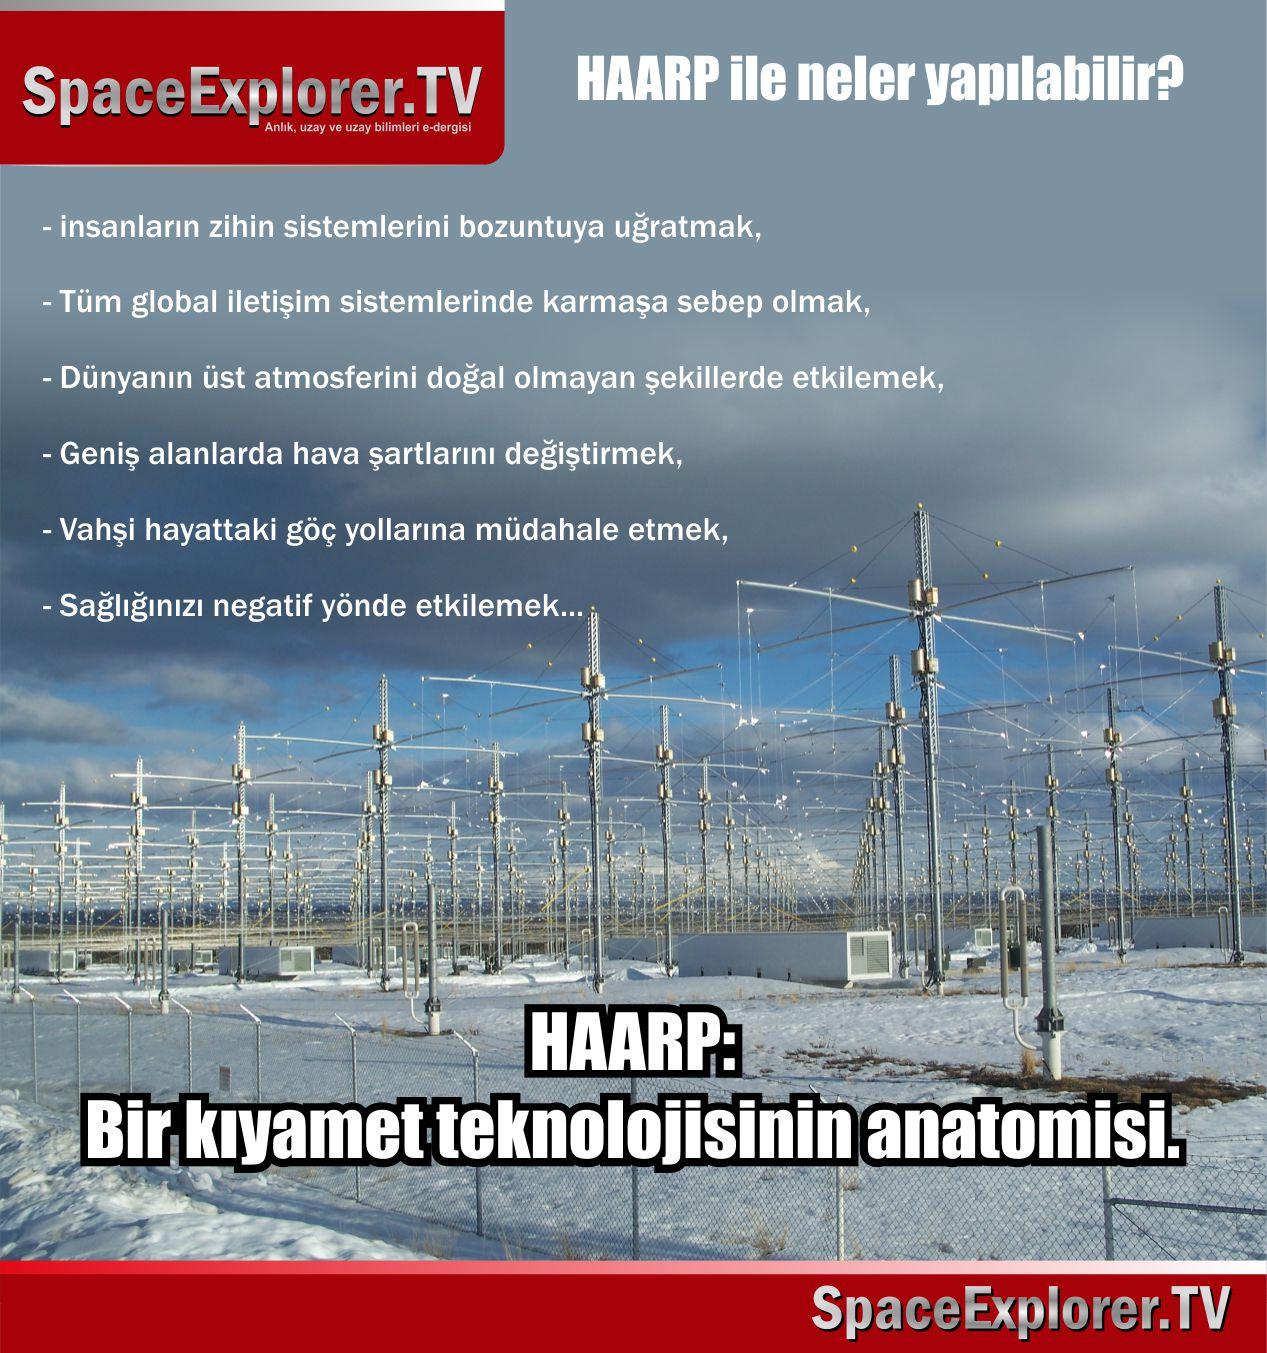 HAARP, Zihin kontrolü, Elektromanyetik savaş, İklim savaşları, İklim silahları, ABD, SSCB, Uçak kazaları, 11 Eylül saldırıları, Aydoğan Vatandaş, nedir, Yapay deprem, Yapay yağış, Yapay hortumlar,